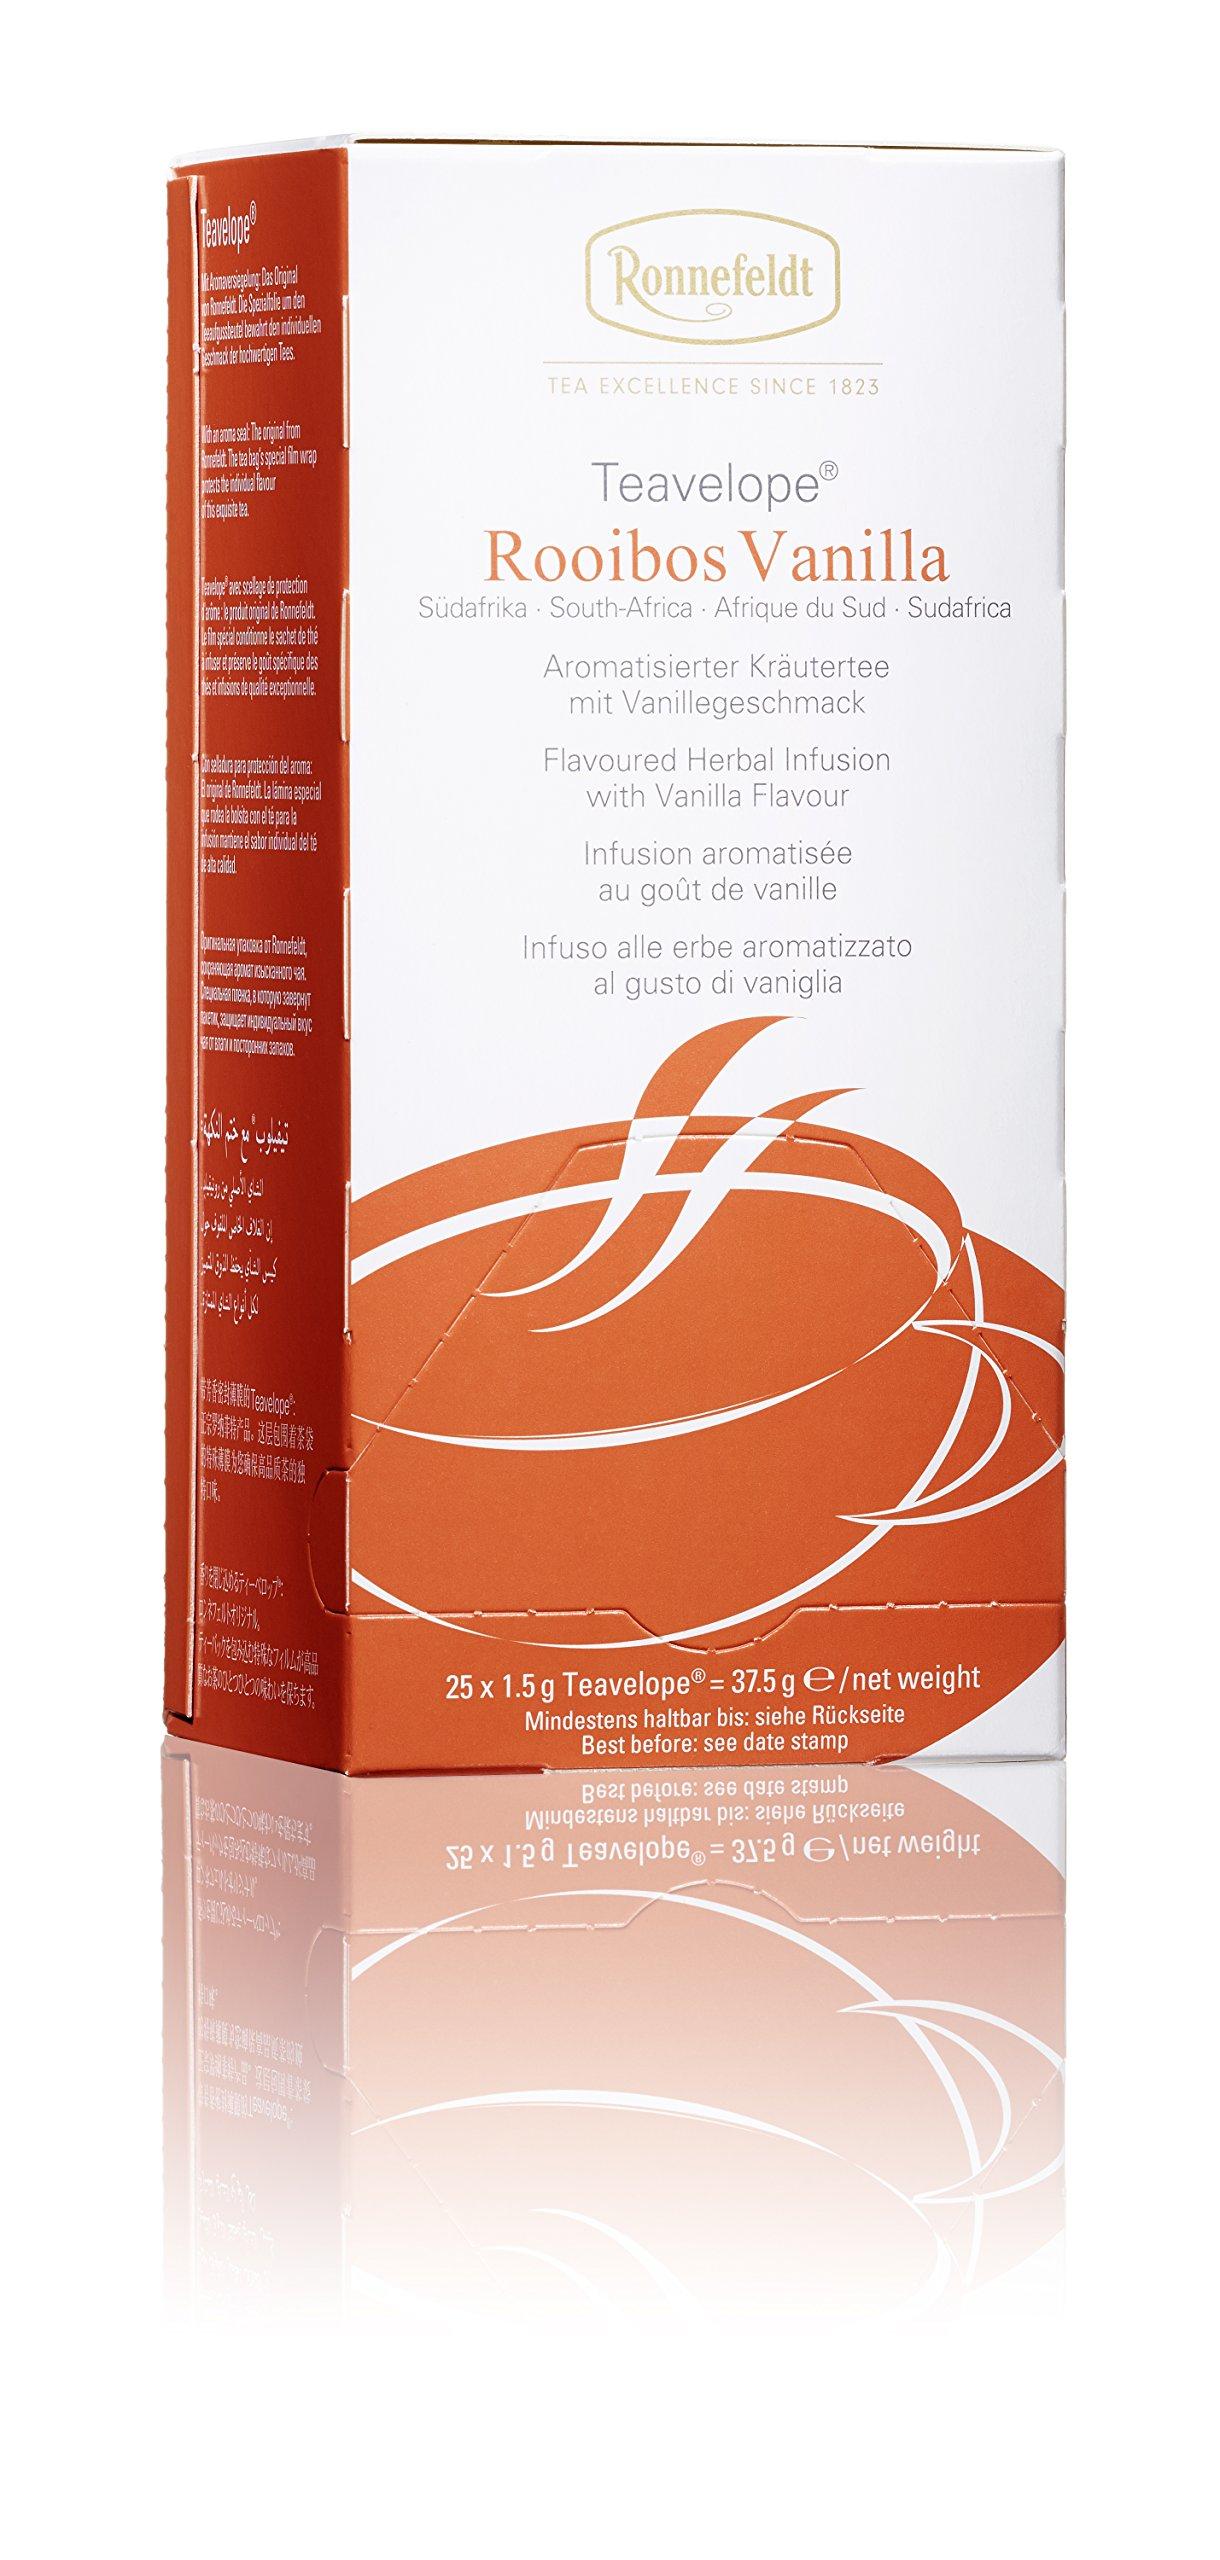 Ronnefeldt-Teavelope-Rooibos-Vanille-Aromatisierter-Krutertee-mit-Vanillegeschmack-Teebeutel-25-x-15-g